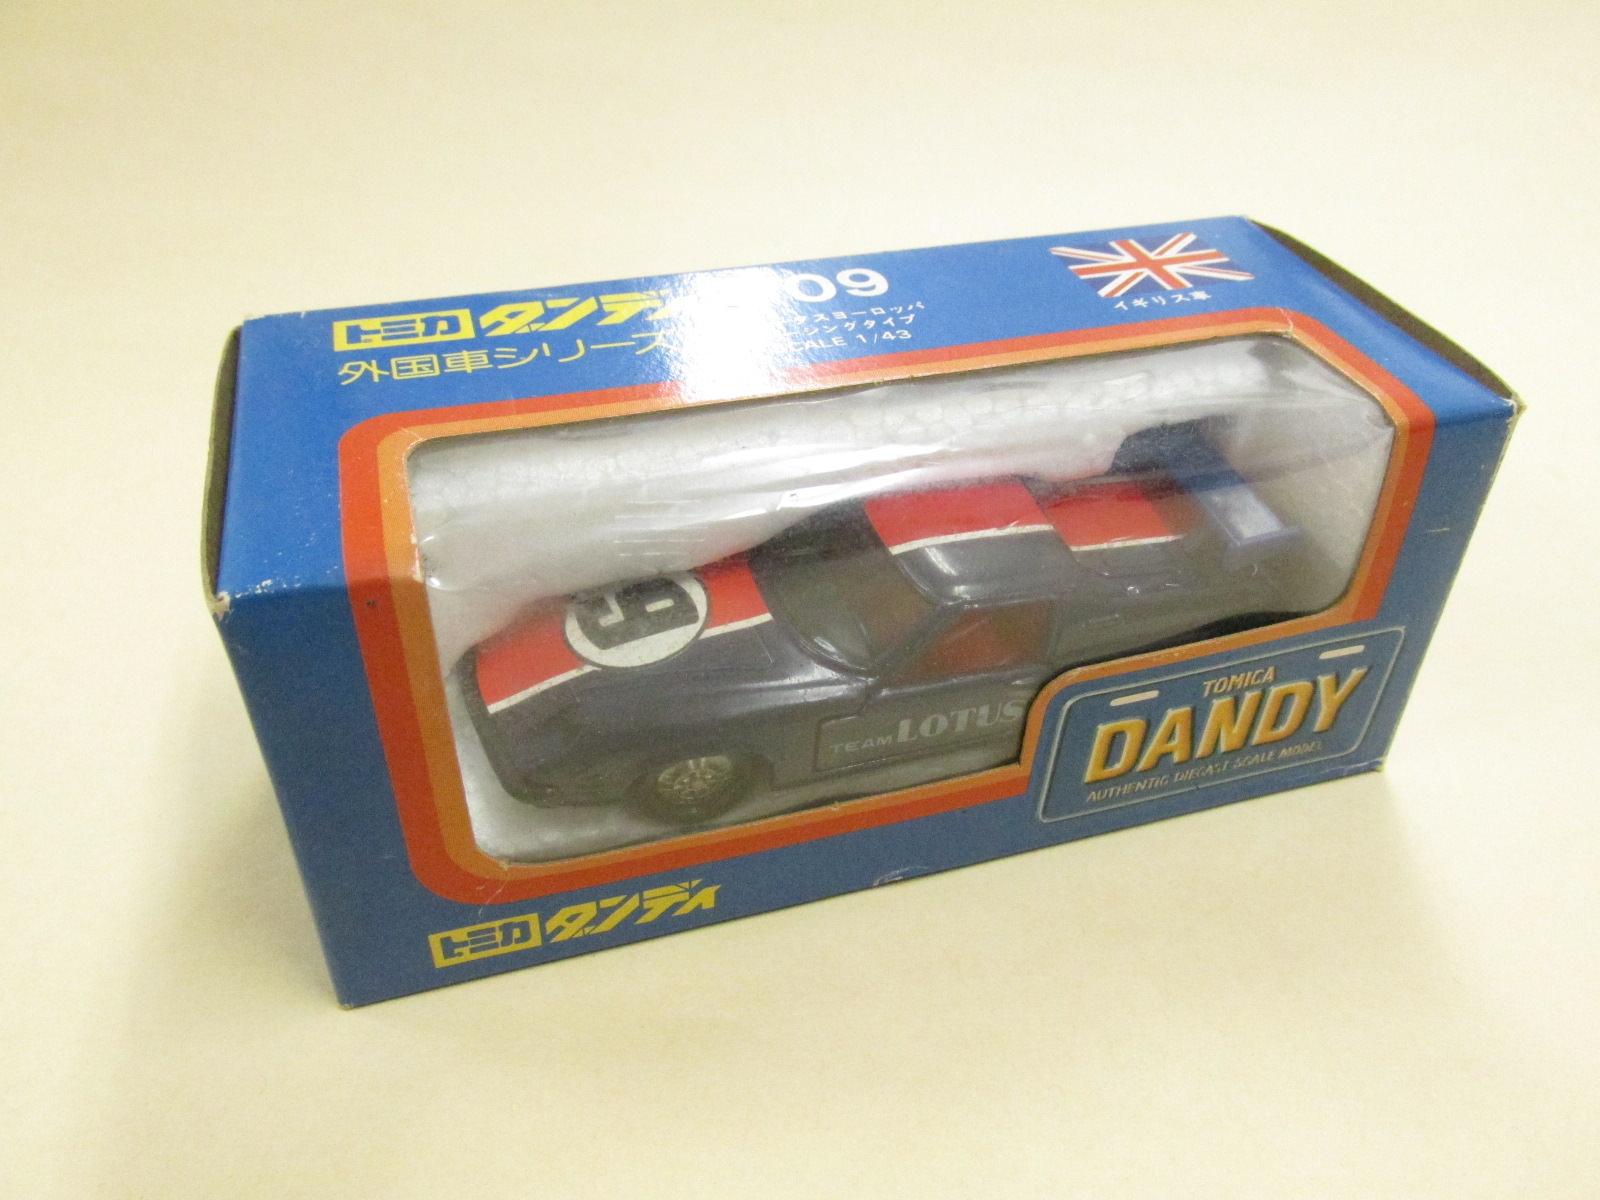 トミカダンディ 1/43スケール 外国車シリーズ F09 ロータスヨーロッパ レーシングタイプ イギリス車